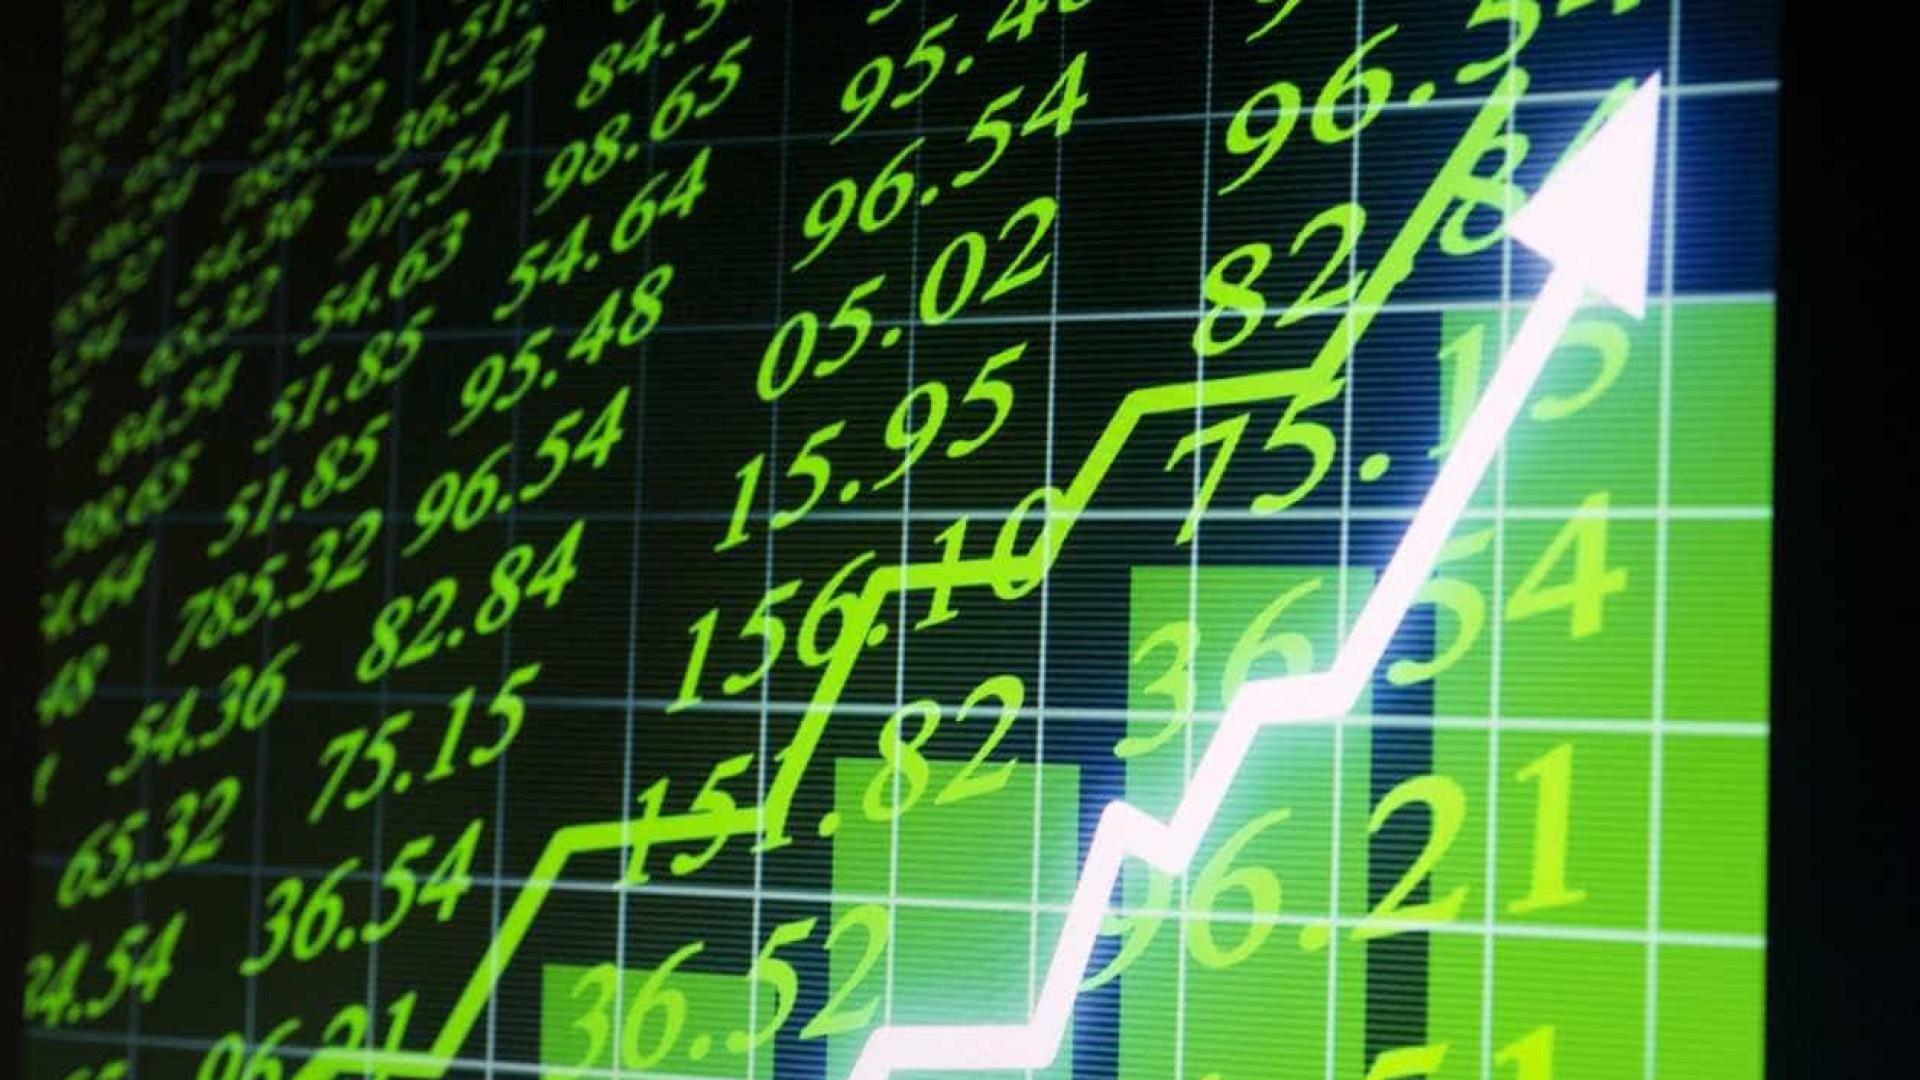 PSI20 cai 0,82% no segundo dia de quedas nas bolsas europeias